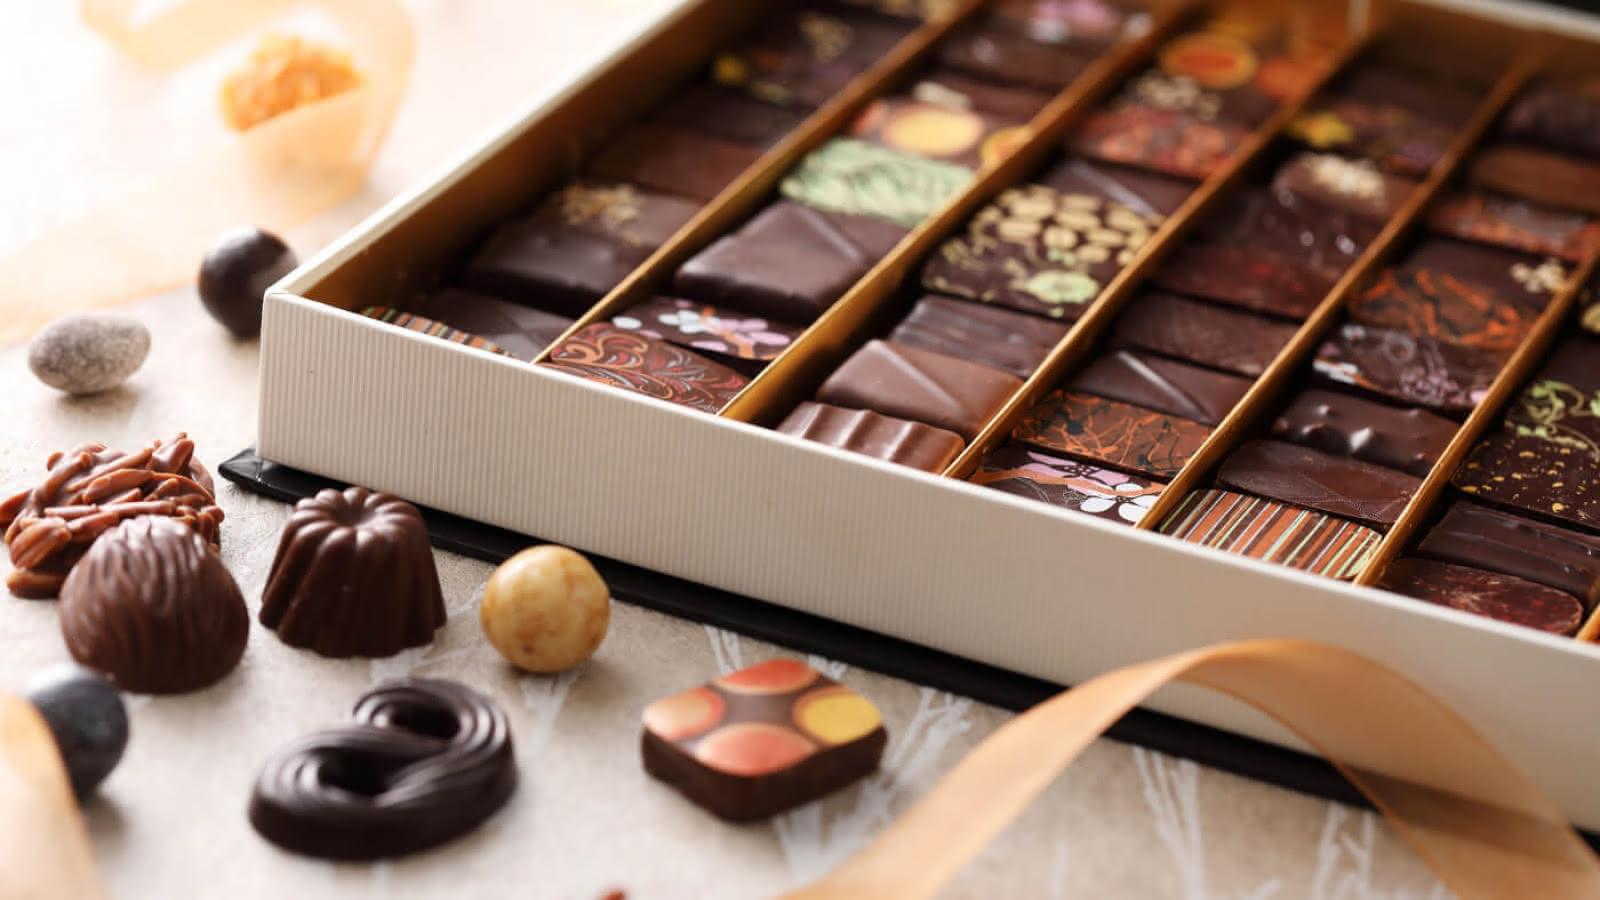 مراحل سفارش شکلات خارجی کیلویی عمده